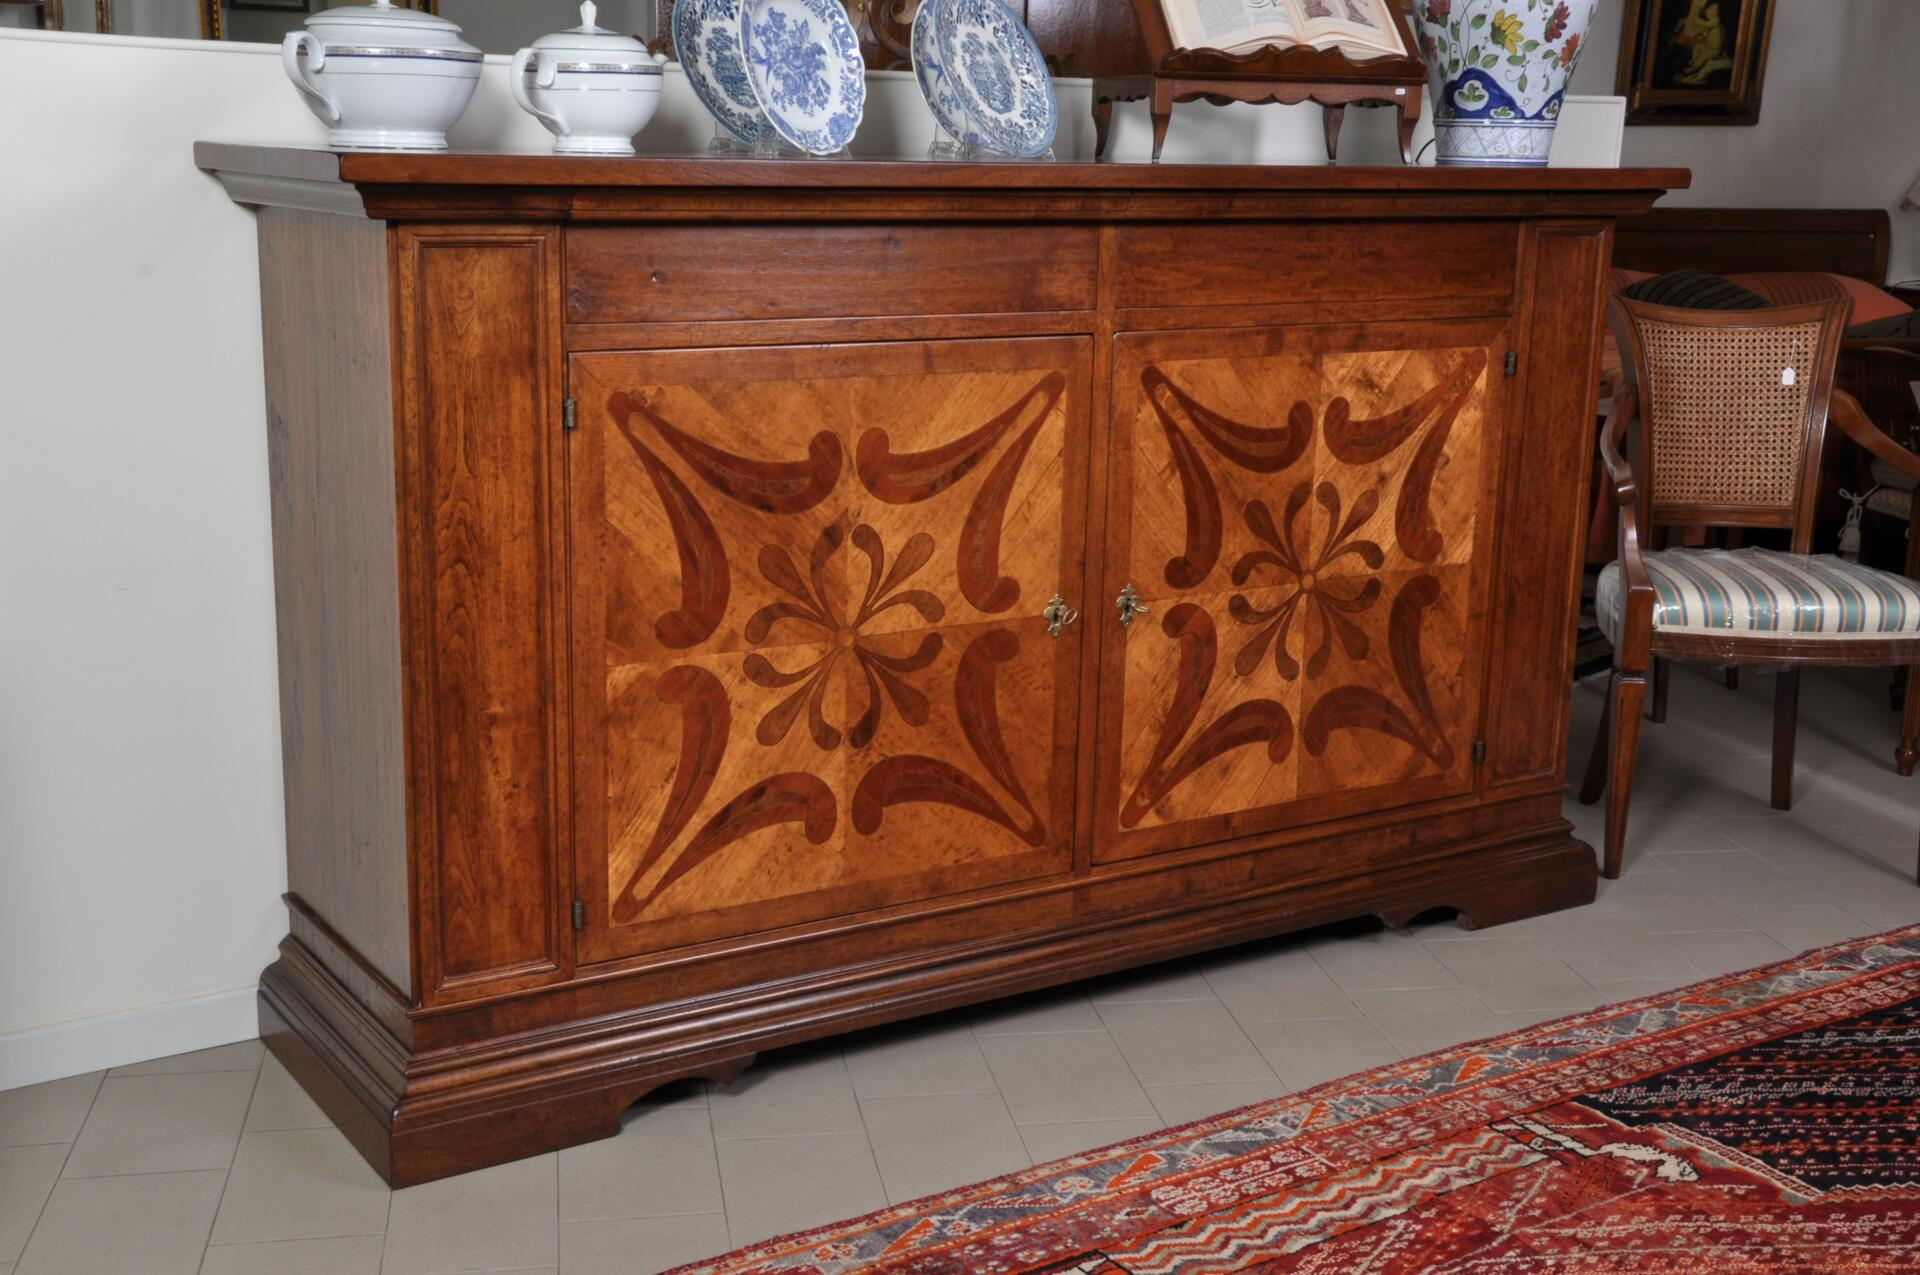 Credenza finemente intarsiata a 2 cassetti e 2 ante in stile seicento toscano mobili vangelista - Mobili stile toscano ...